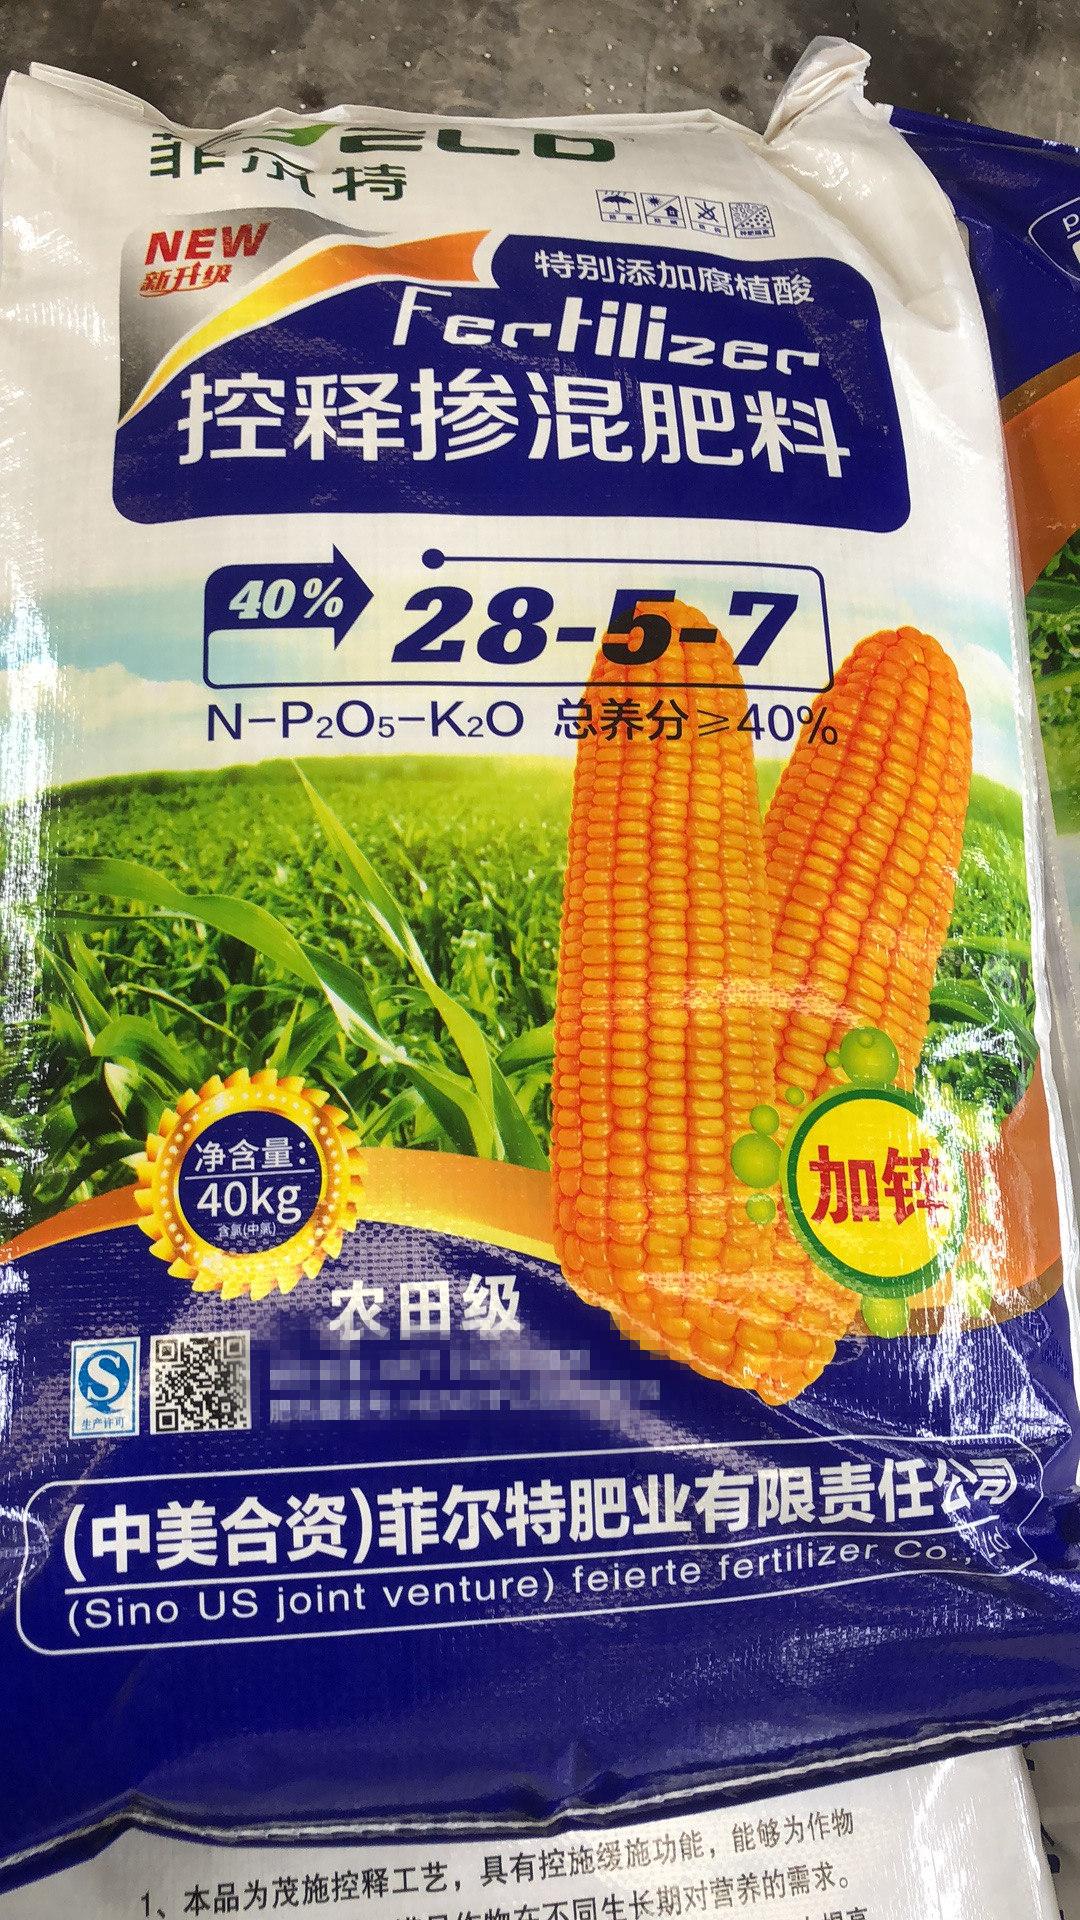 农田级玉米掺混肥